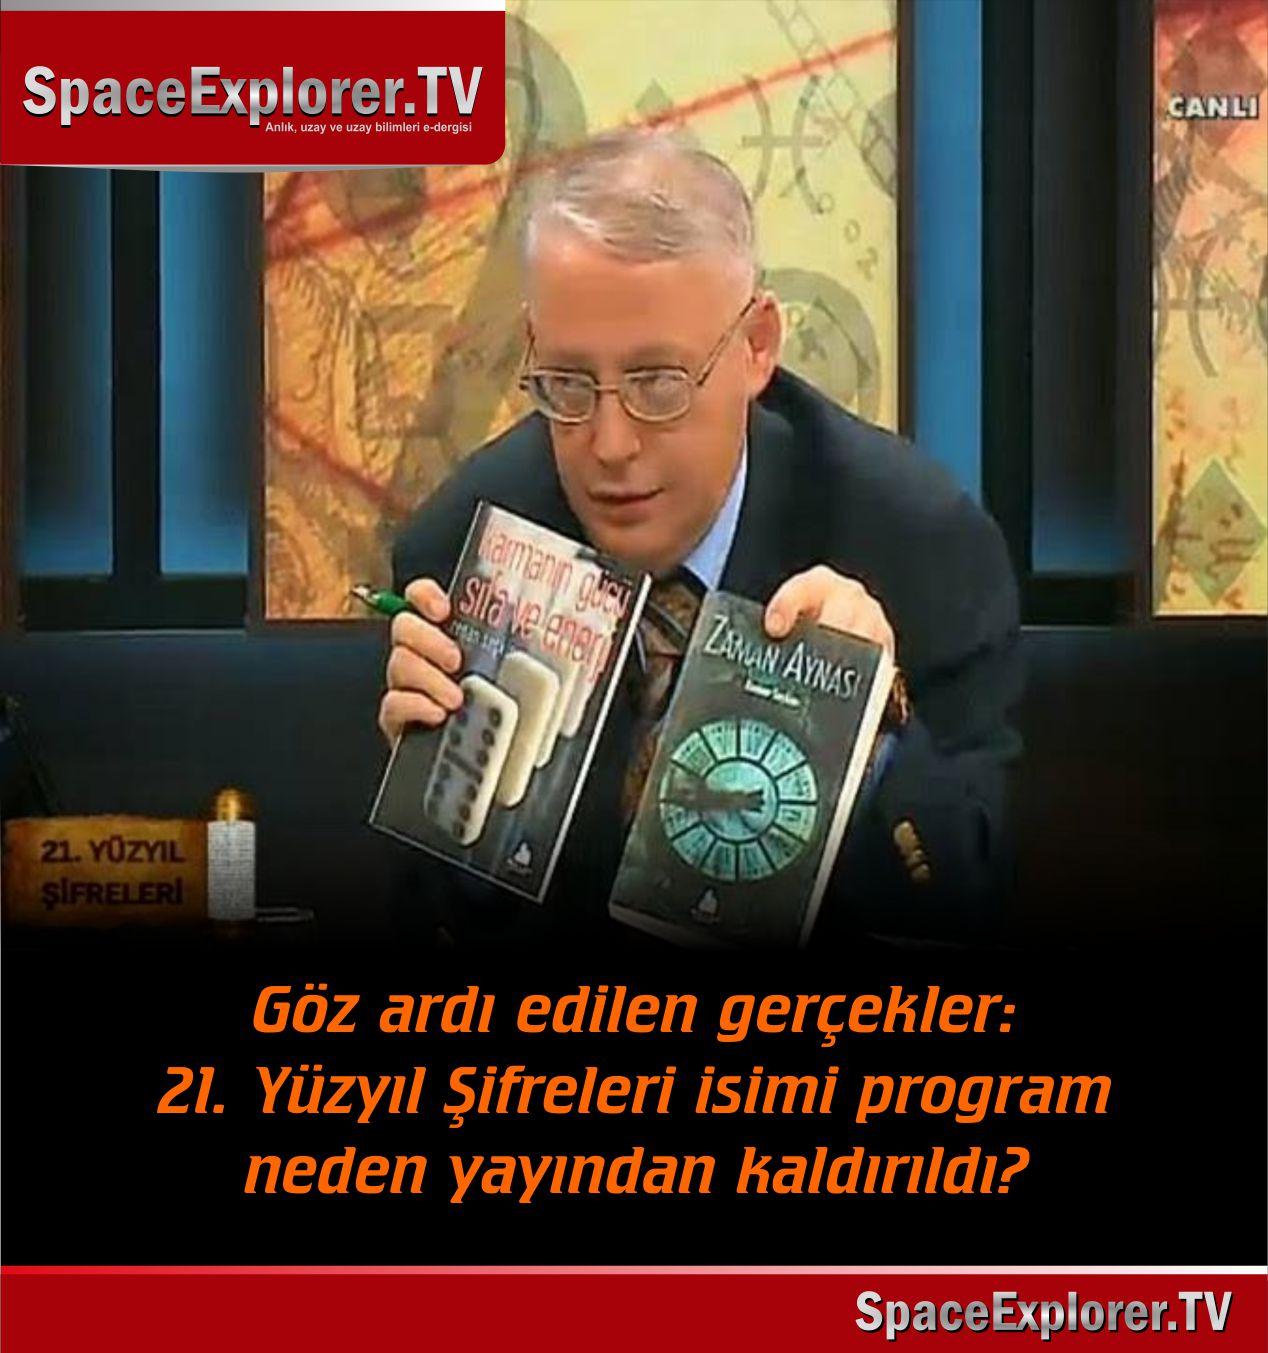 Ali Bektan, 21. Yüzyıl Şifreleri, Hamza Yardımcıoğlu, Mehmet Fahri Sertkaya, Farah Yurdözü, Reptilian uzaylılar, Masonluk,